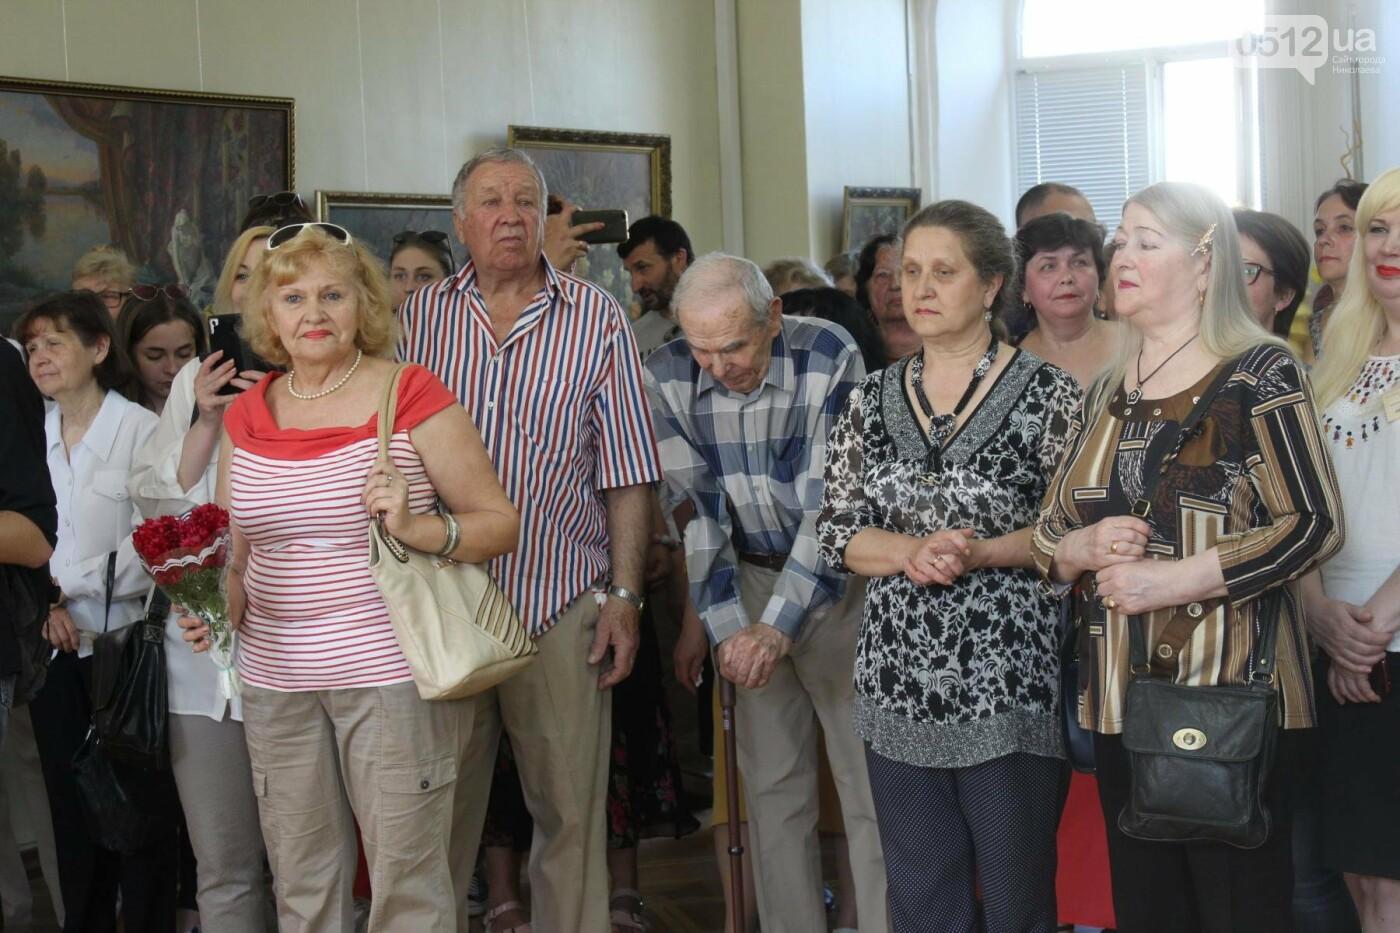 Николаевская художница Светлана Завтура презентовала свою юбилейную выставку, - ФОТО, фото-14